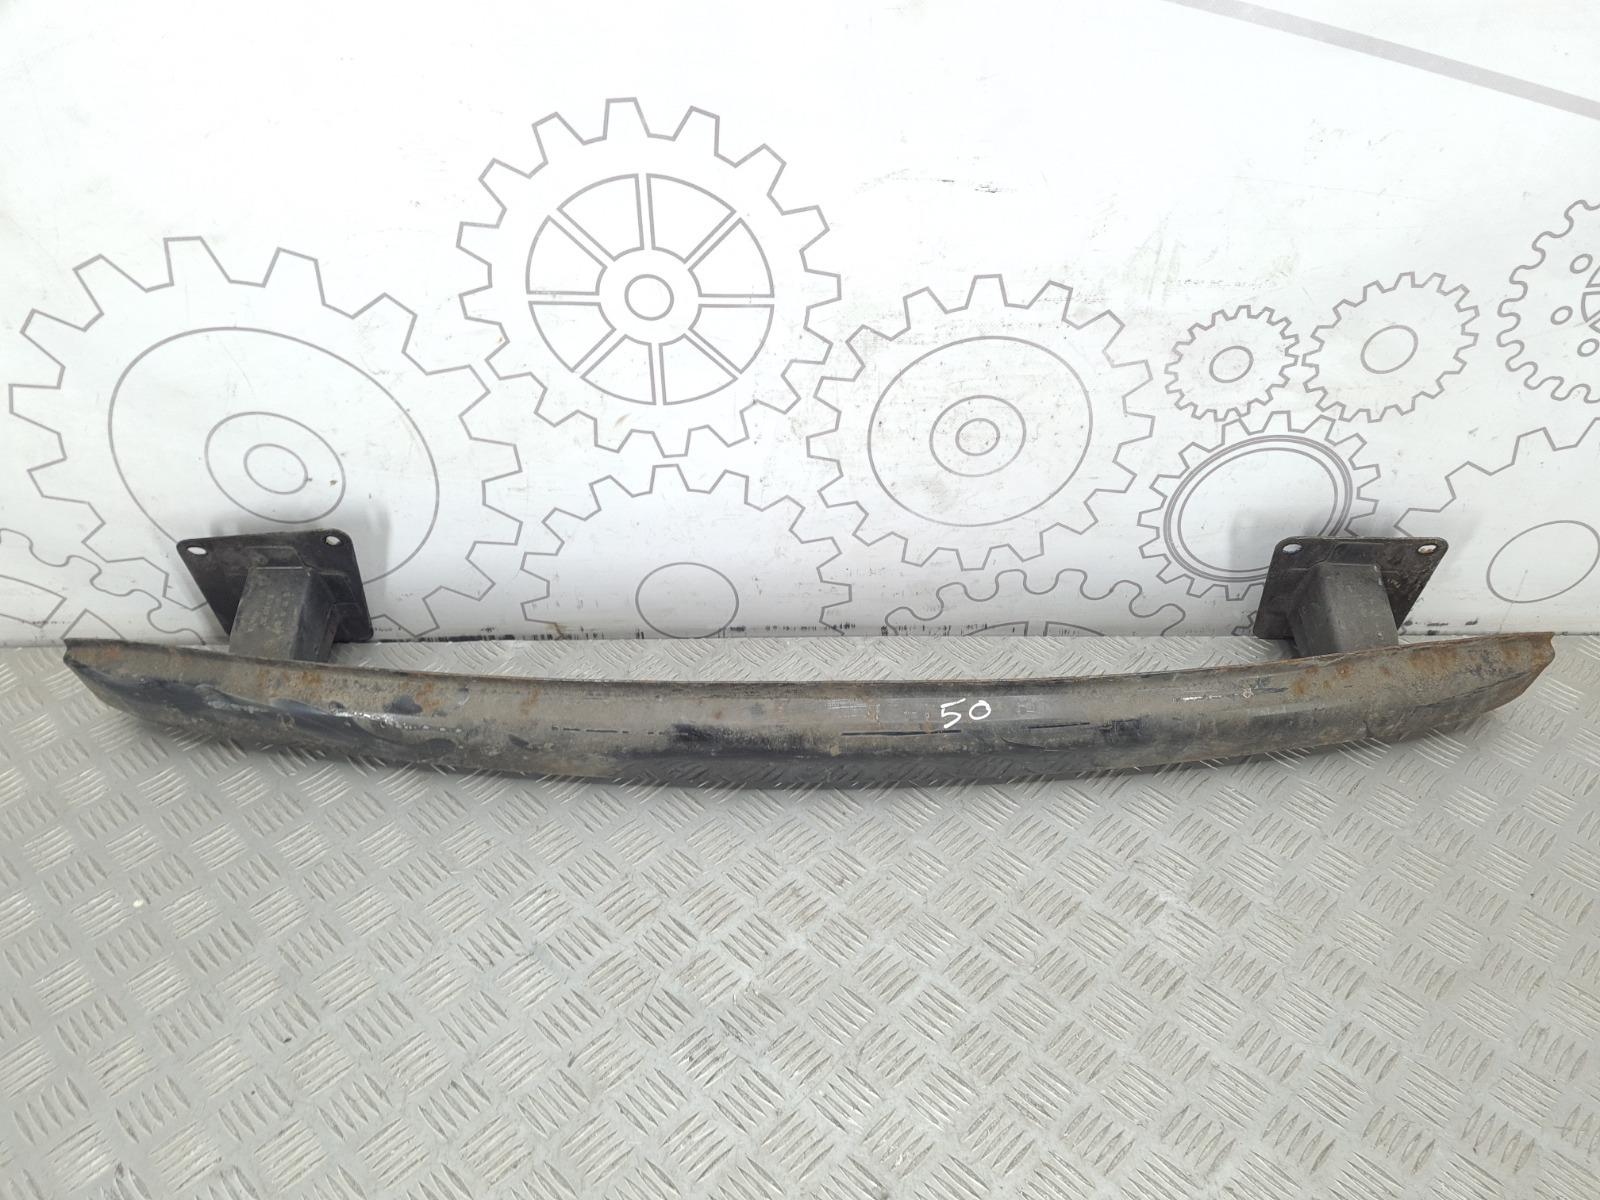 Усилитель бампера заднего Volkswagen Fox 1.2 I 2008 (б/у)